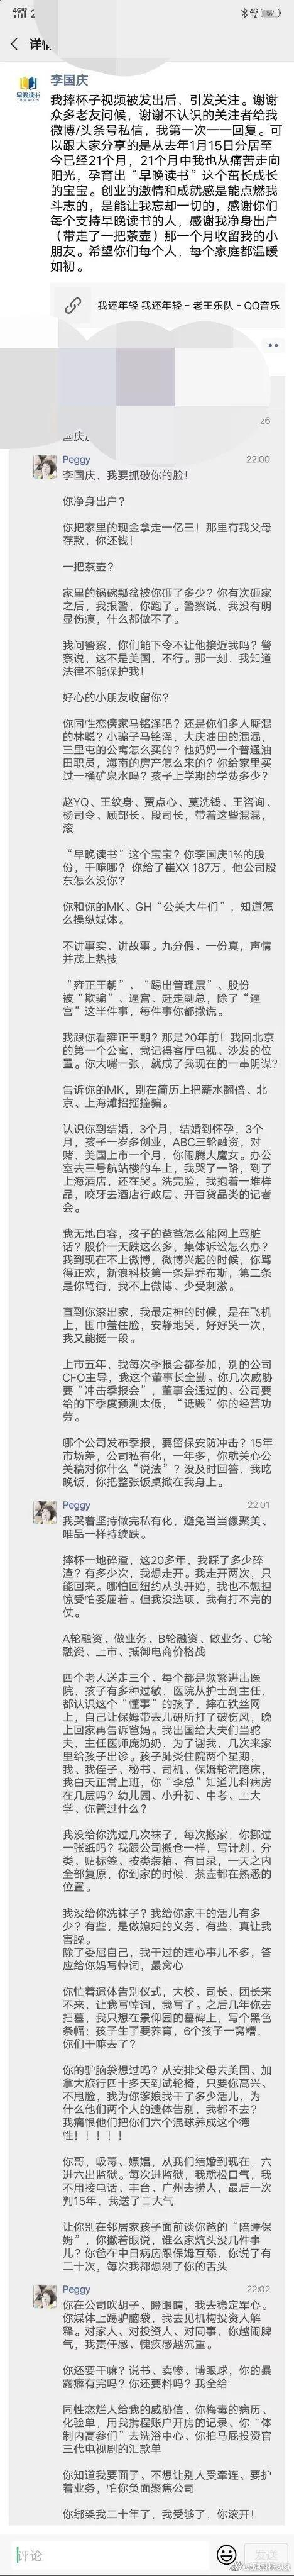 「博彩导航信息」苏州工业园生物医药产业竞争力全国第一